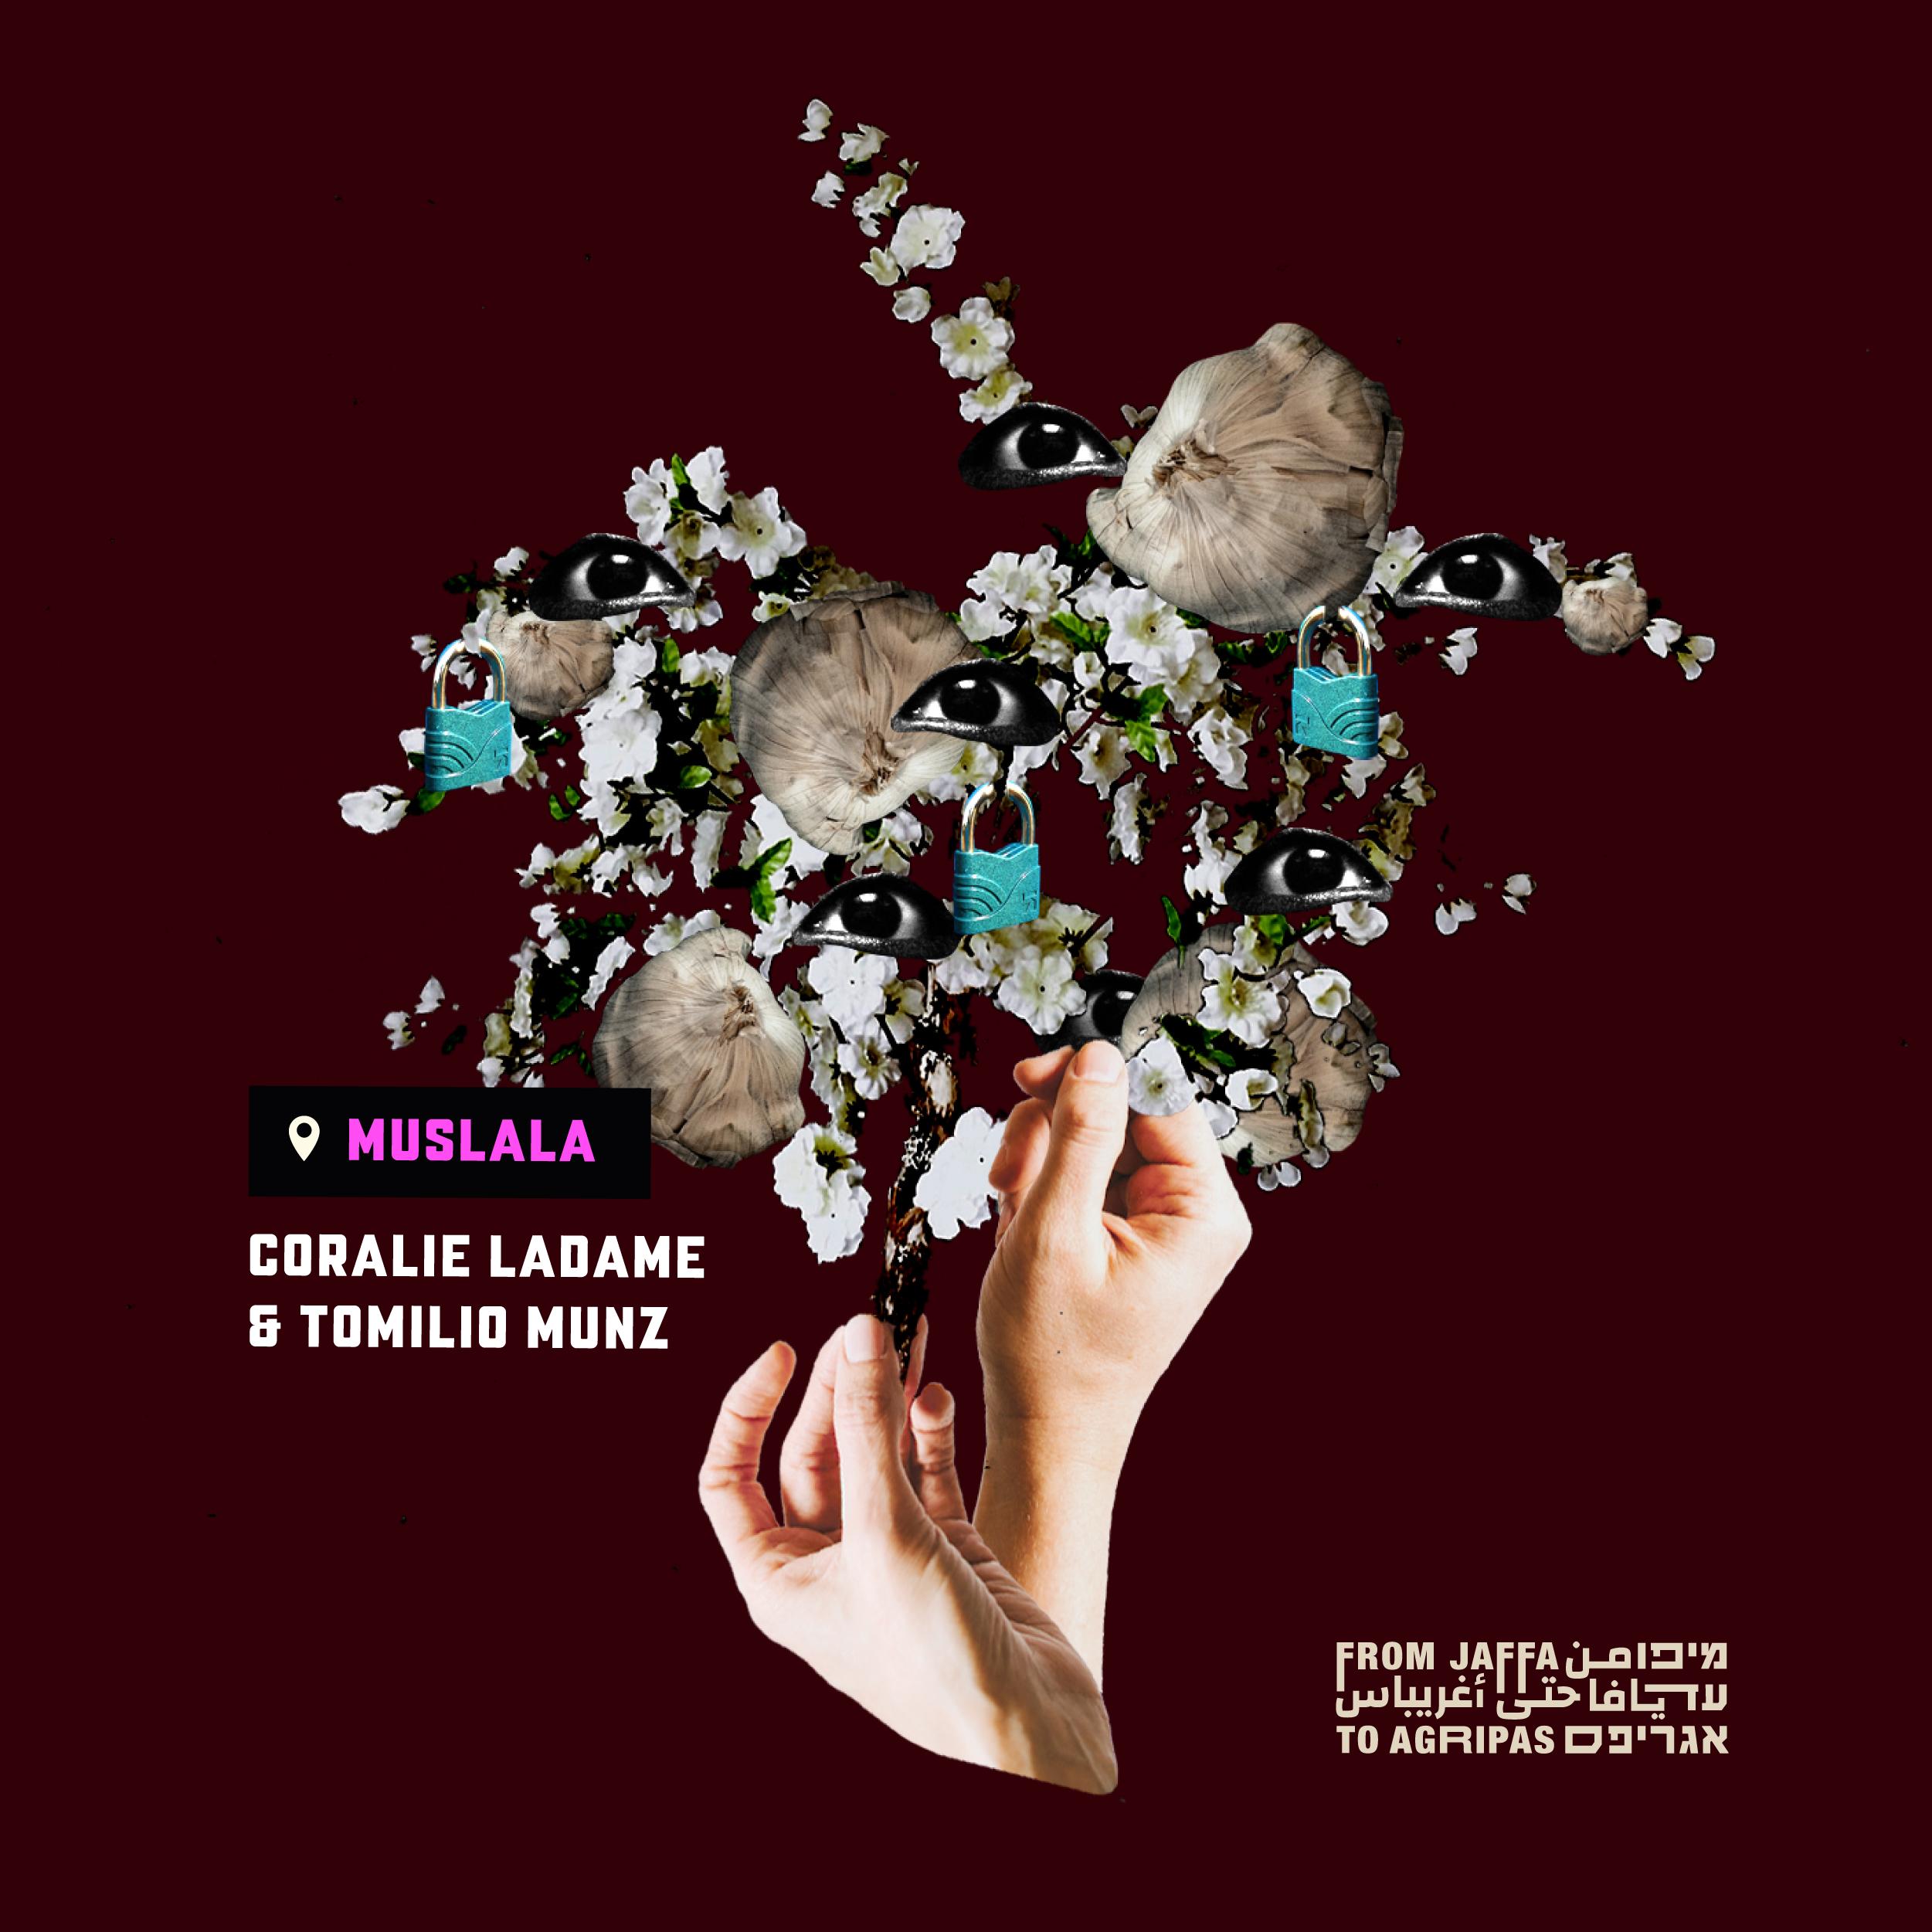 הליכה לילית - קורלי לדאם ותומיליו מינץ ● Coralie Ladame & Tomili